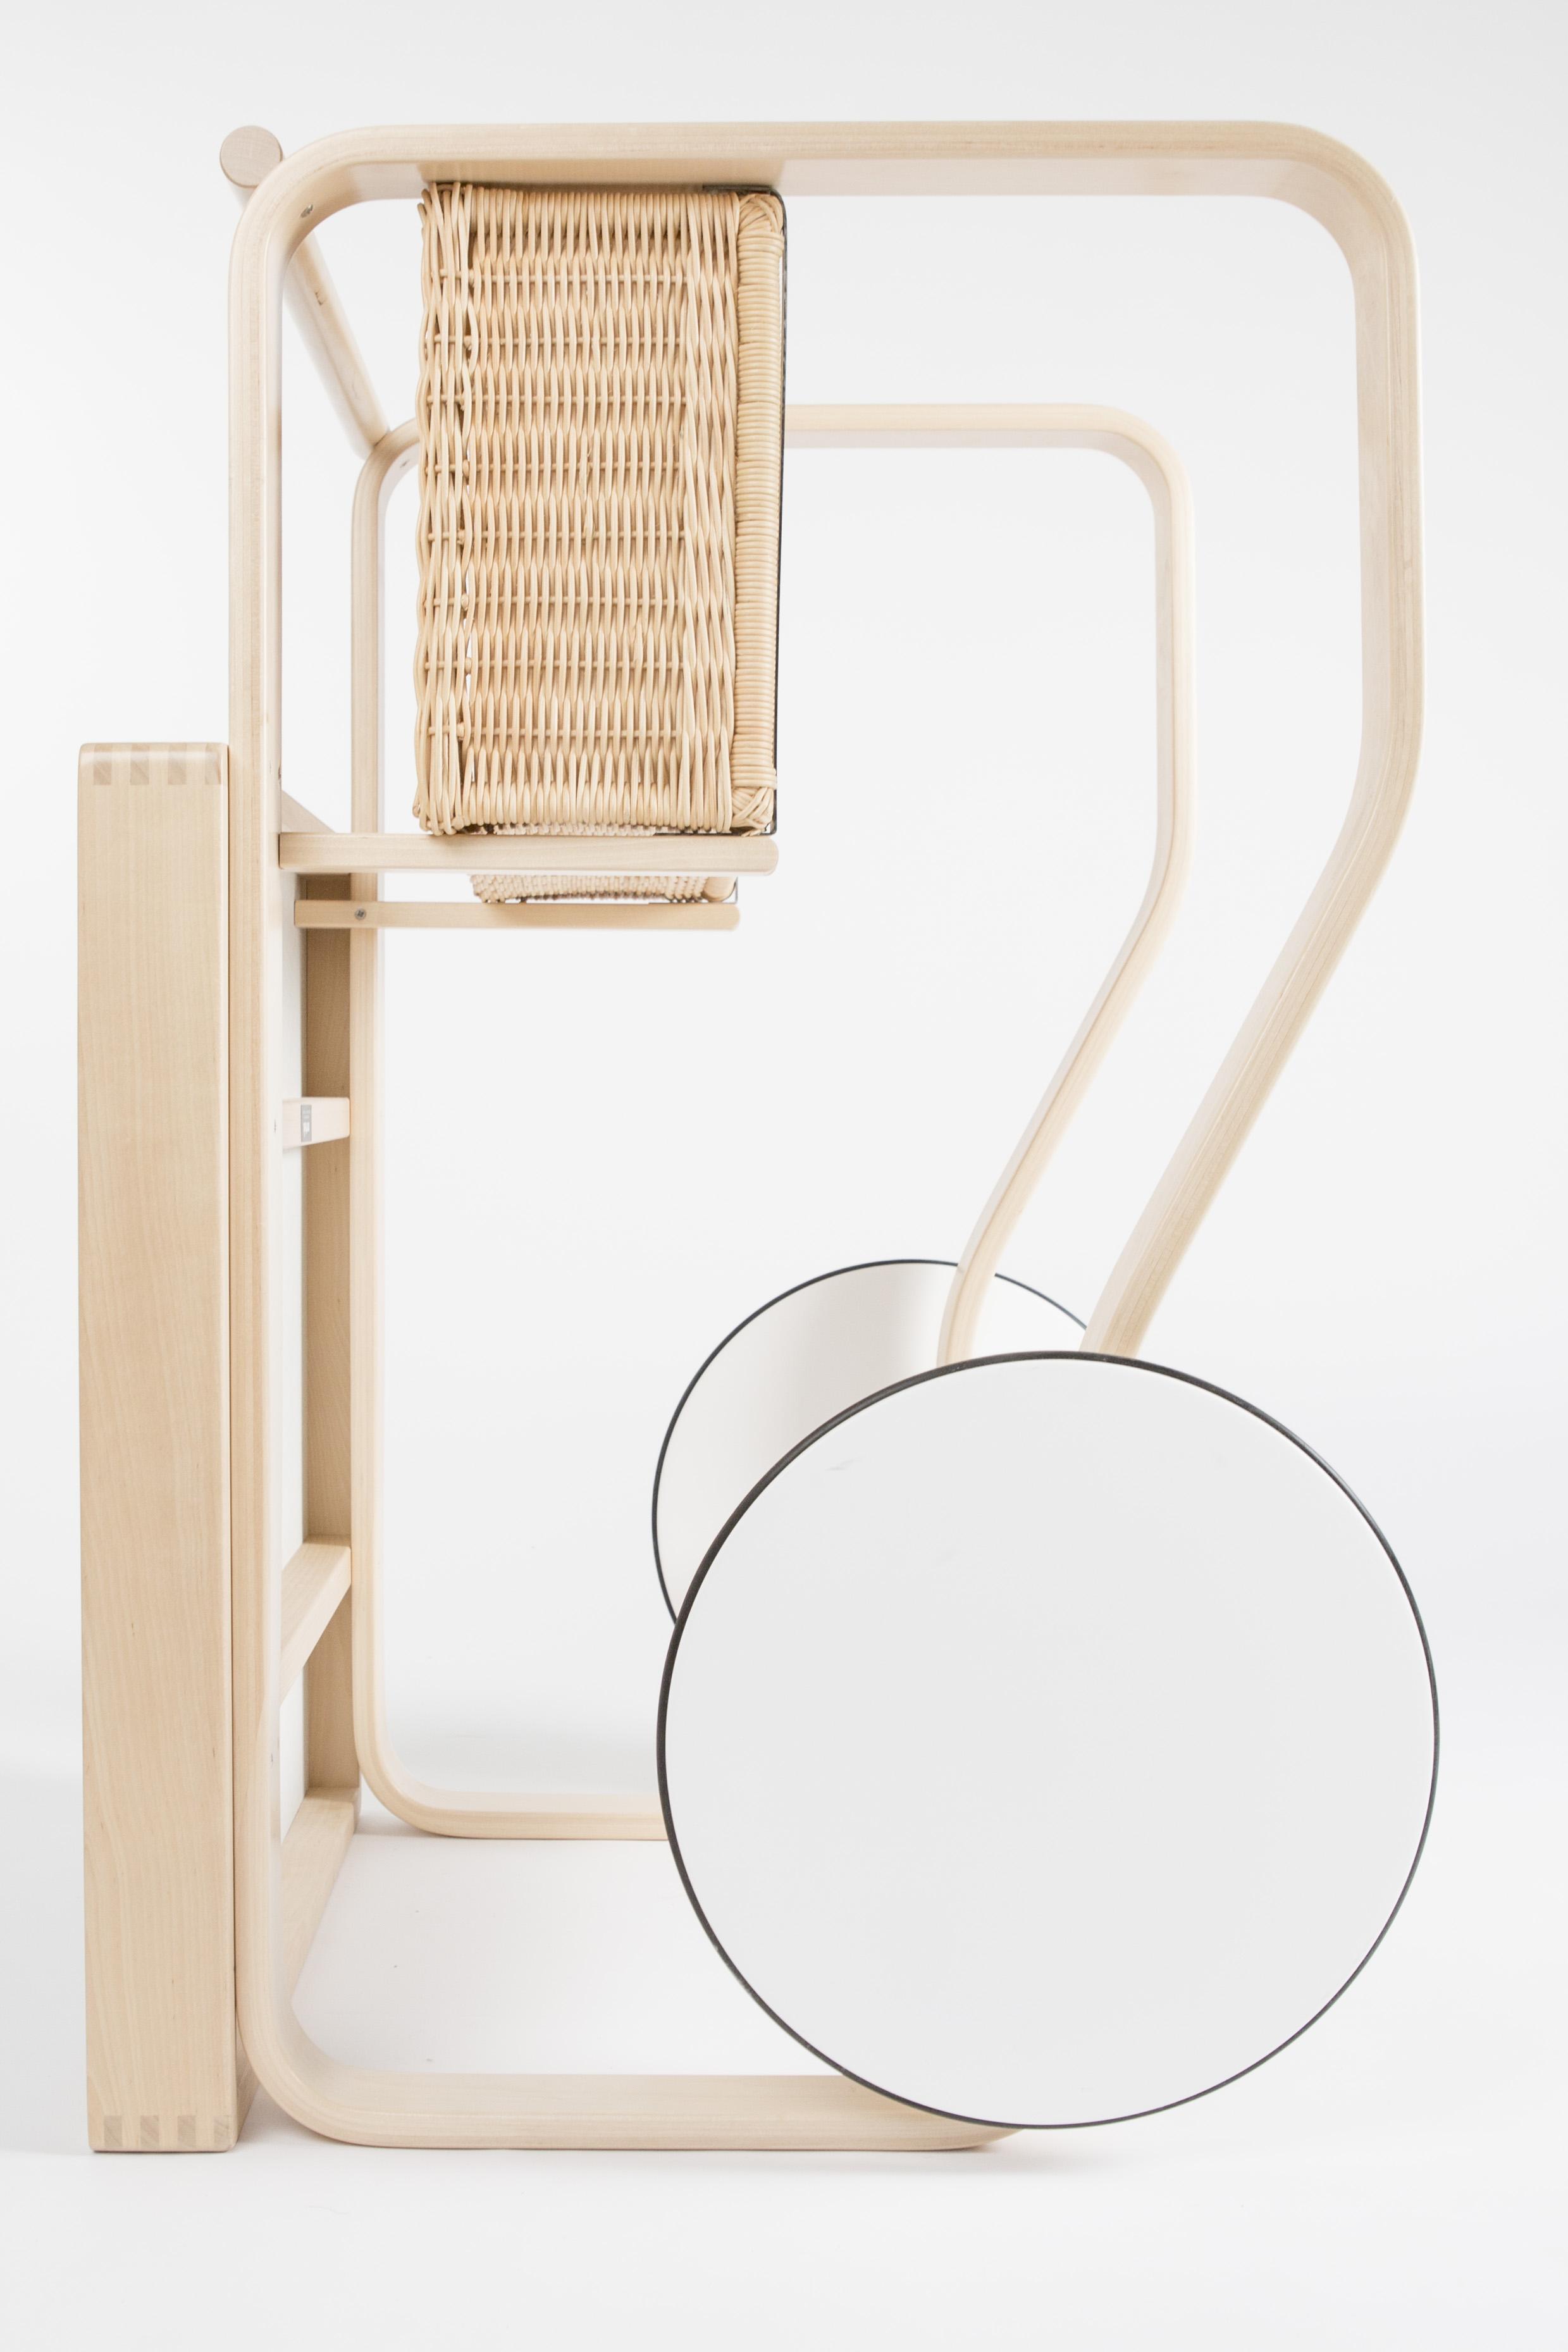 https://www.twiggy.be/en/product/detail/artek-alvar-aalto-tea-trolley-900/1174603?colour=84310